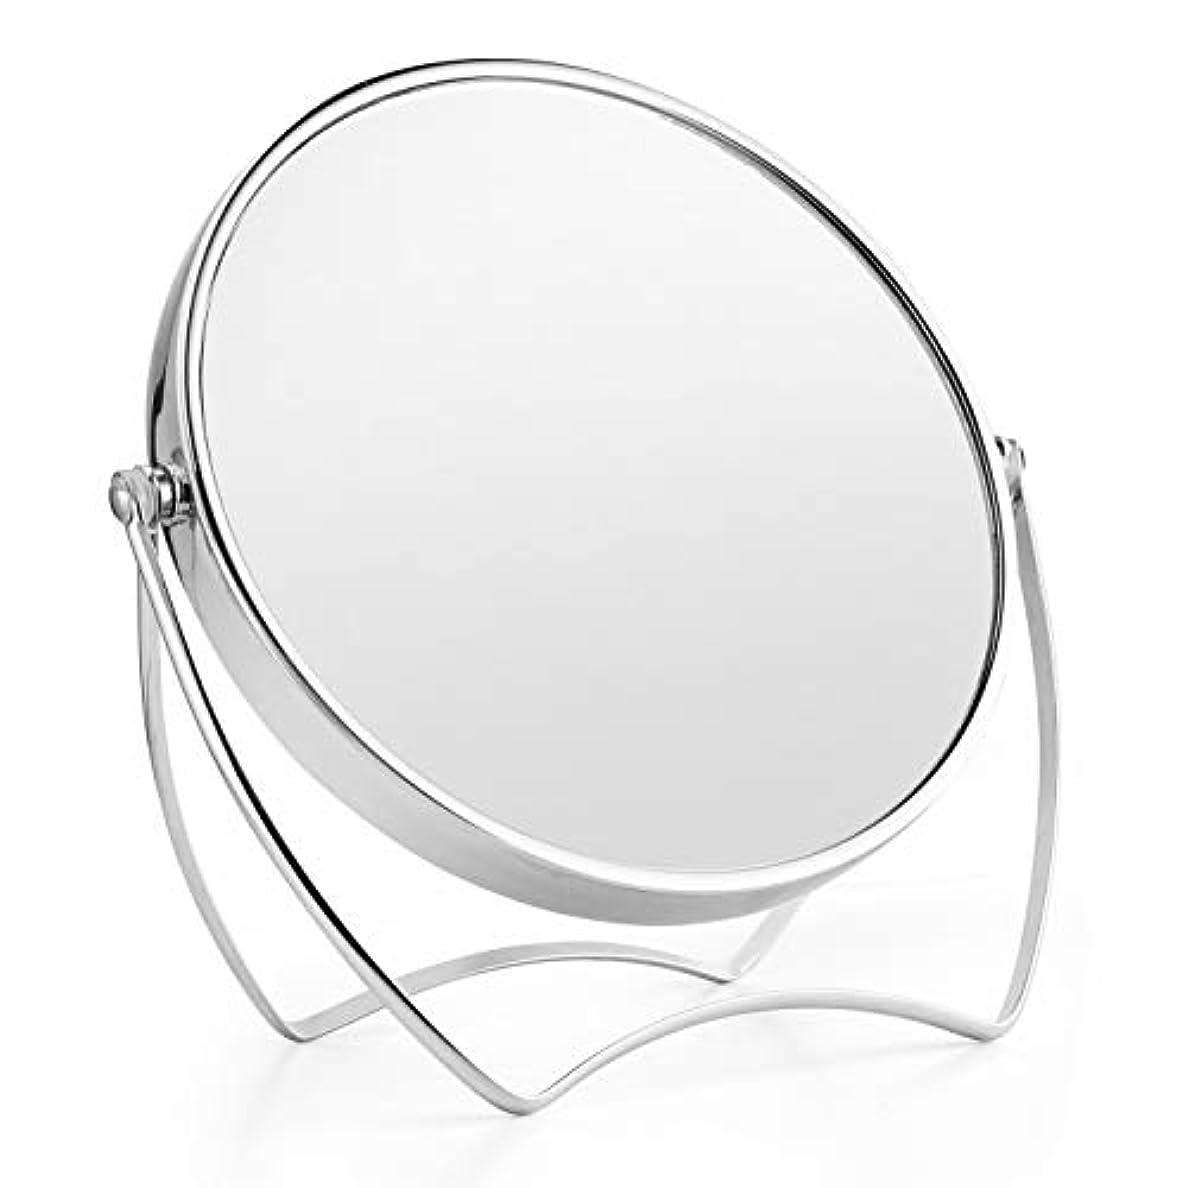 シーボード労苦専門知識卓上ミラー 化粧鏡 1倍/5倍拡大鏡 メイクミラー 両面化粧鏡 ラウンドミラー 女優ミラー スタンドミラー 卓上鏡 360°回転ブラケット メタルフレームバニティミラー 寝室や浴室に適しています(15cm)